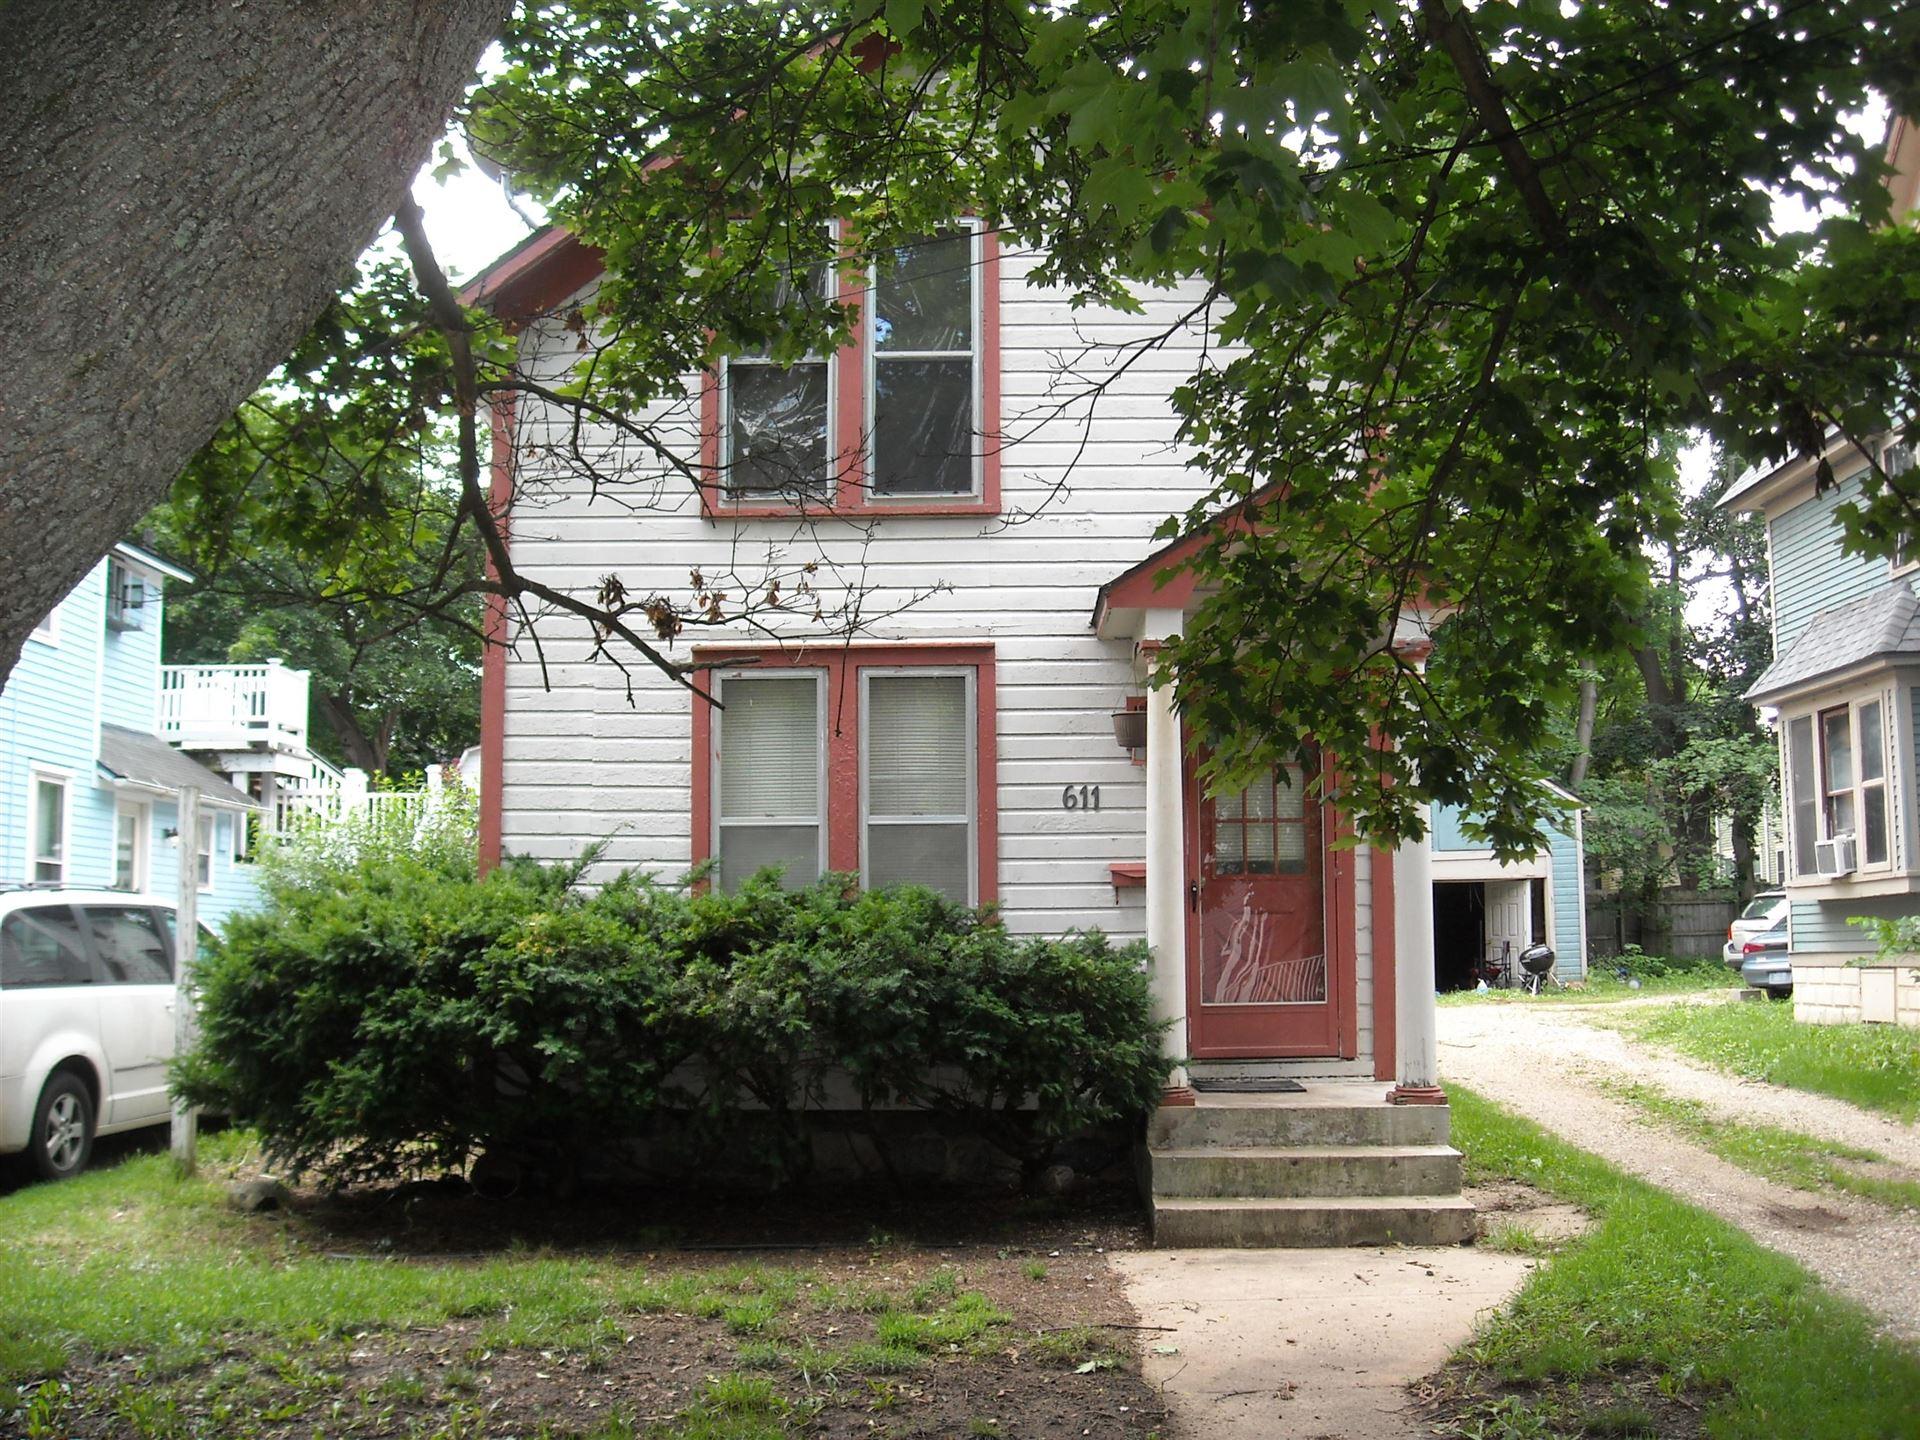 611 Forest Street, Kalamazoo, MI 49008 - MLS#: 21025351